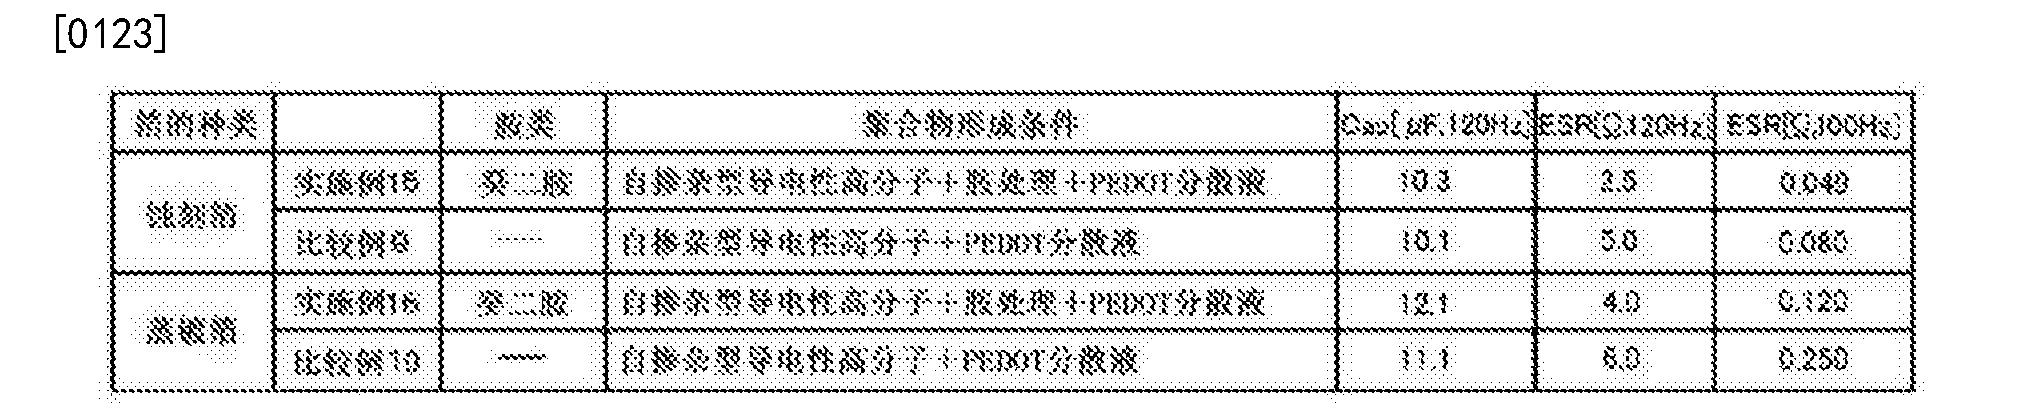 Figure CN103959414BD00122